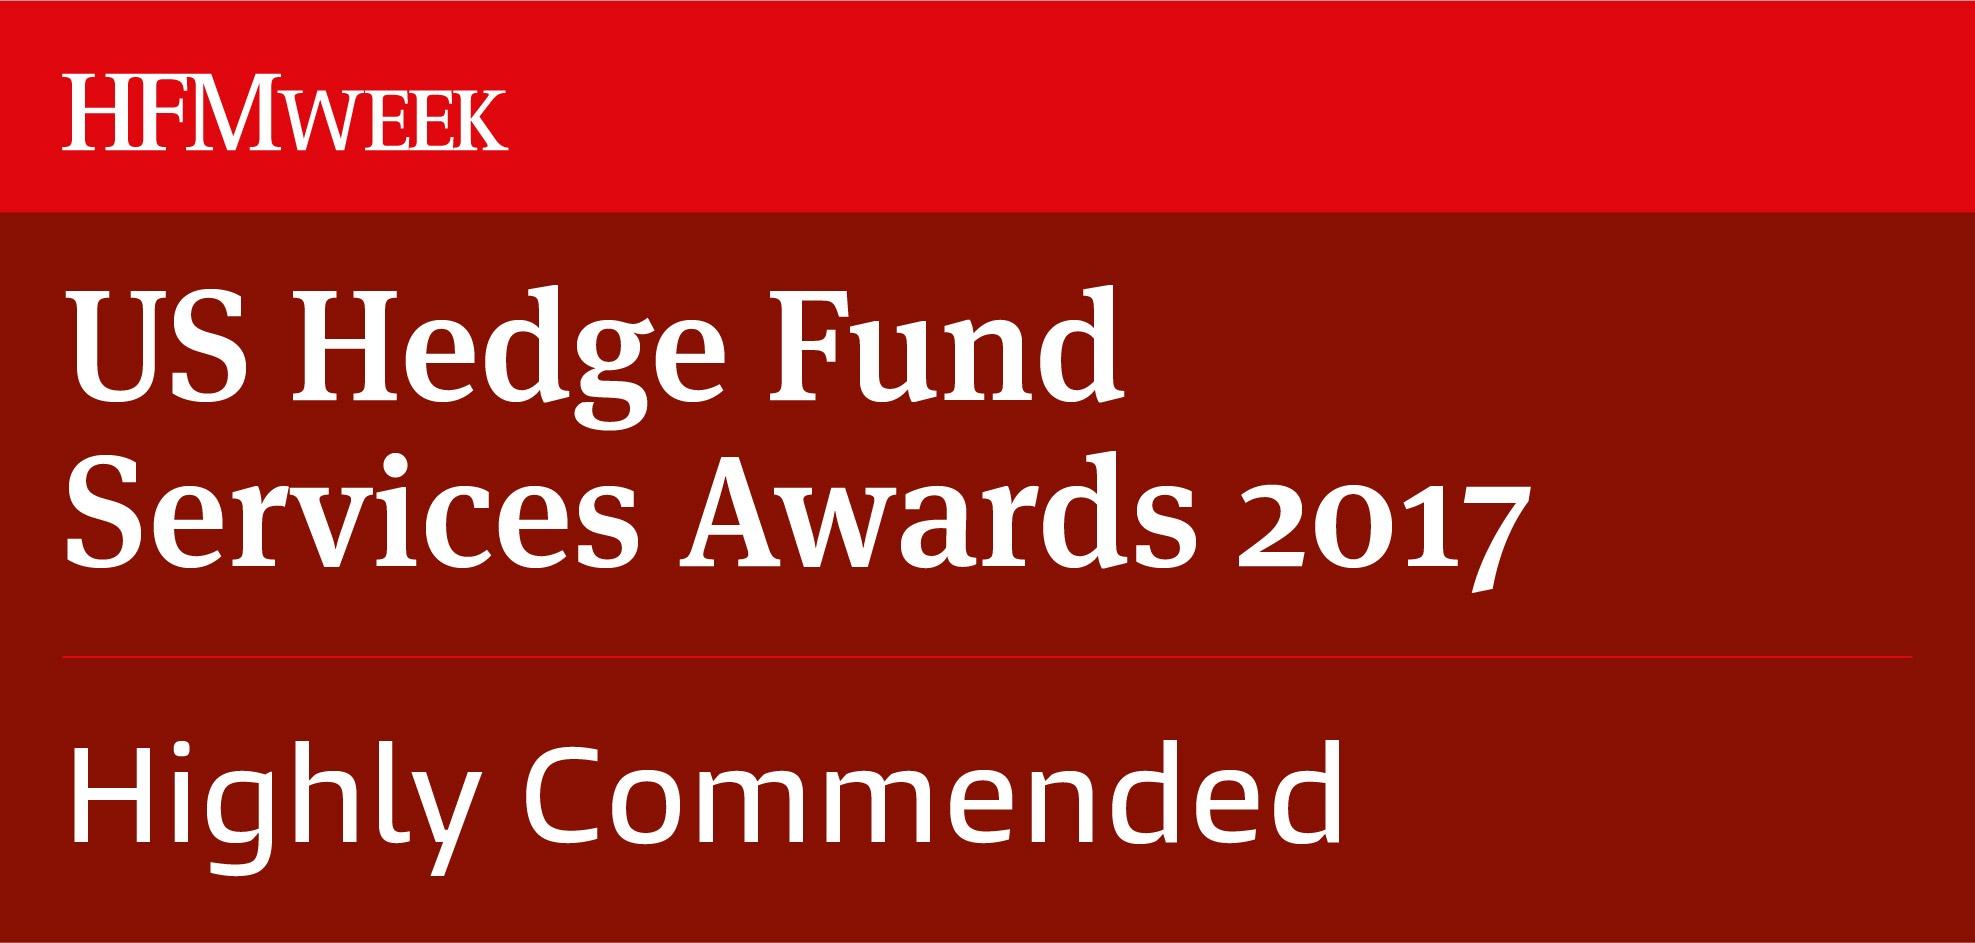 HFMWEEK US HEDGE FUND SERVICES AWARDS 2017